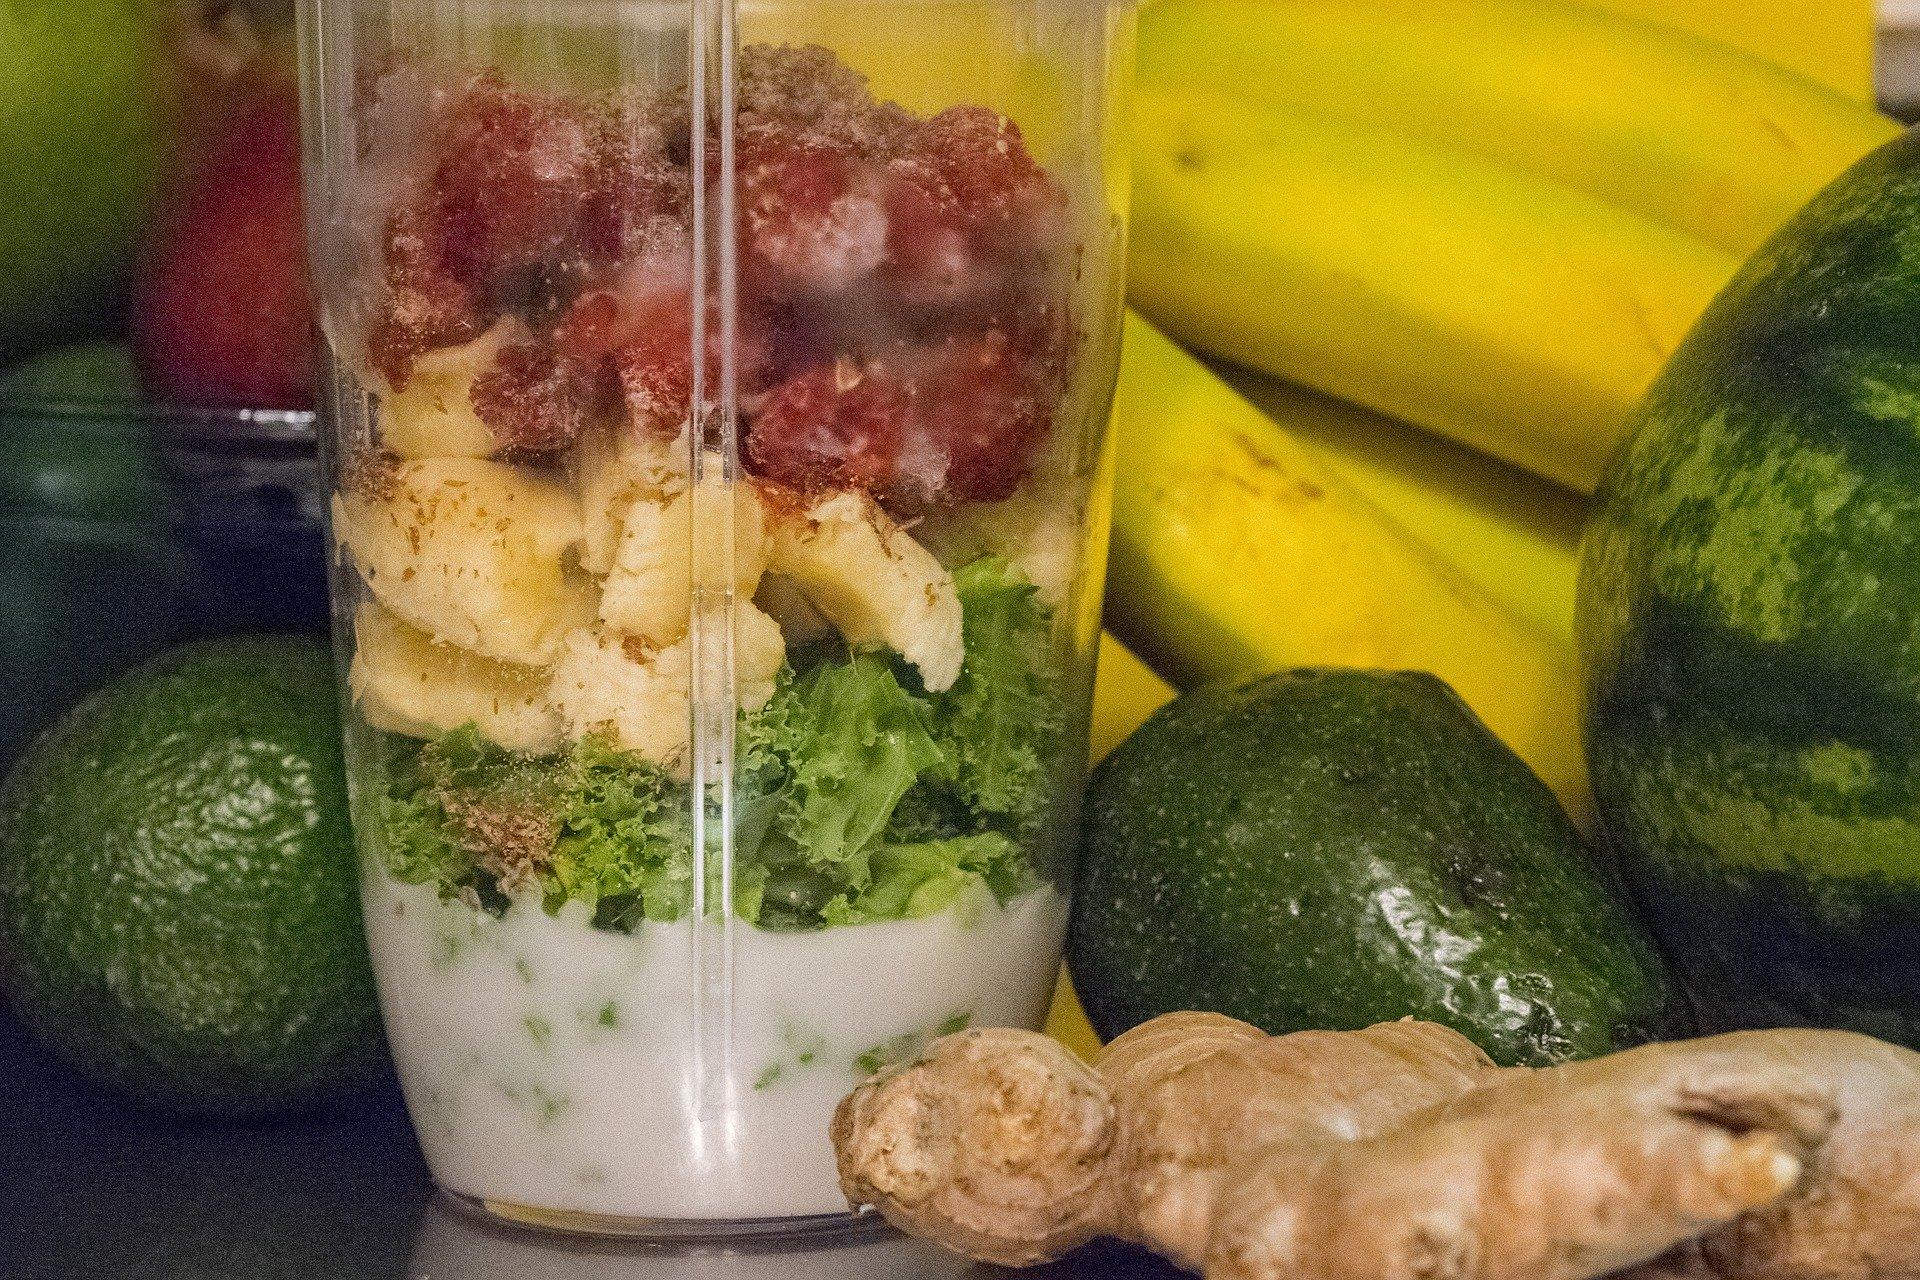 cele mai bune băuturi din magazin alimentar pentru pierderea în greutate greutate sănătoasă de pierdut în două luni